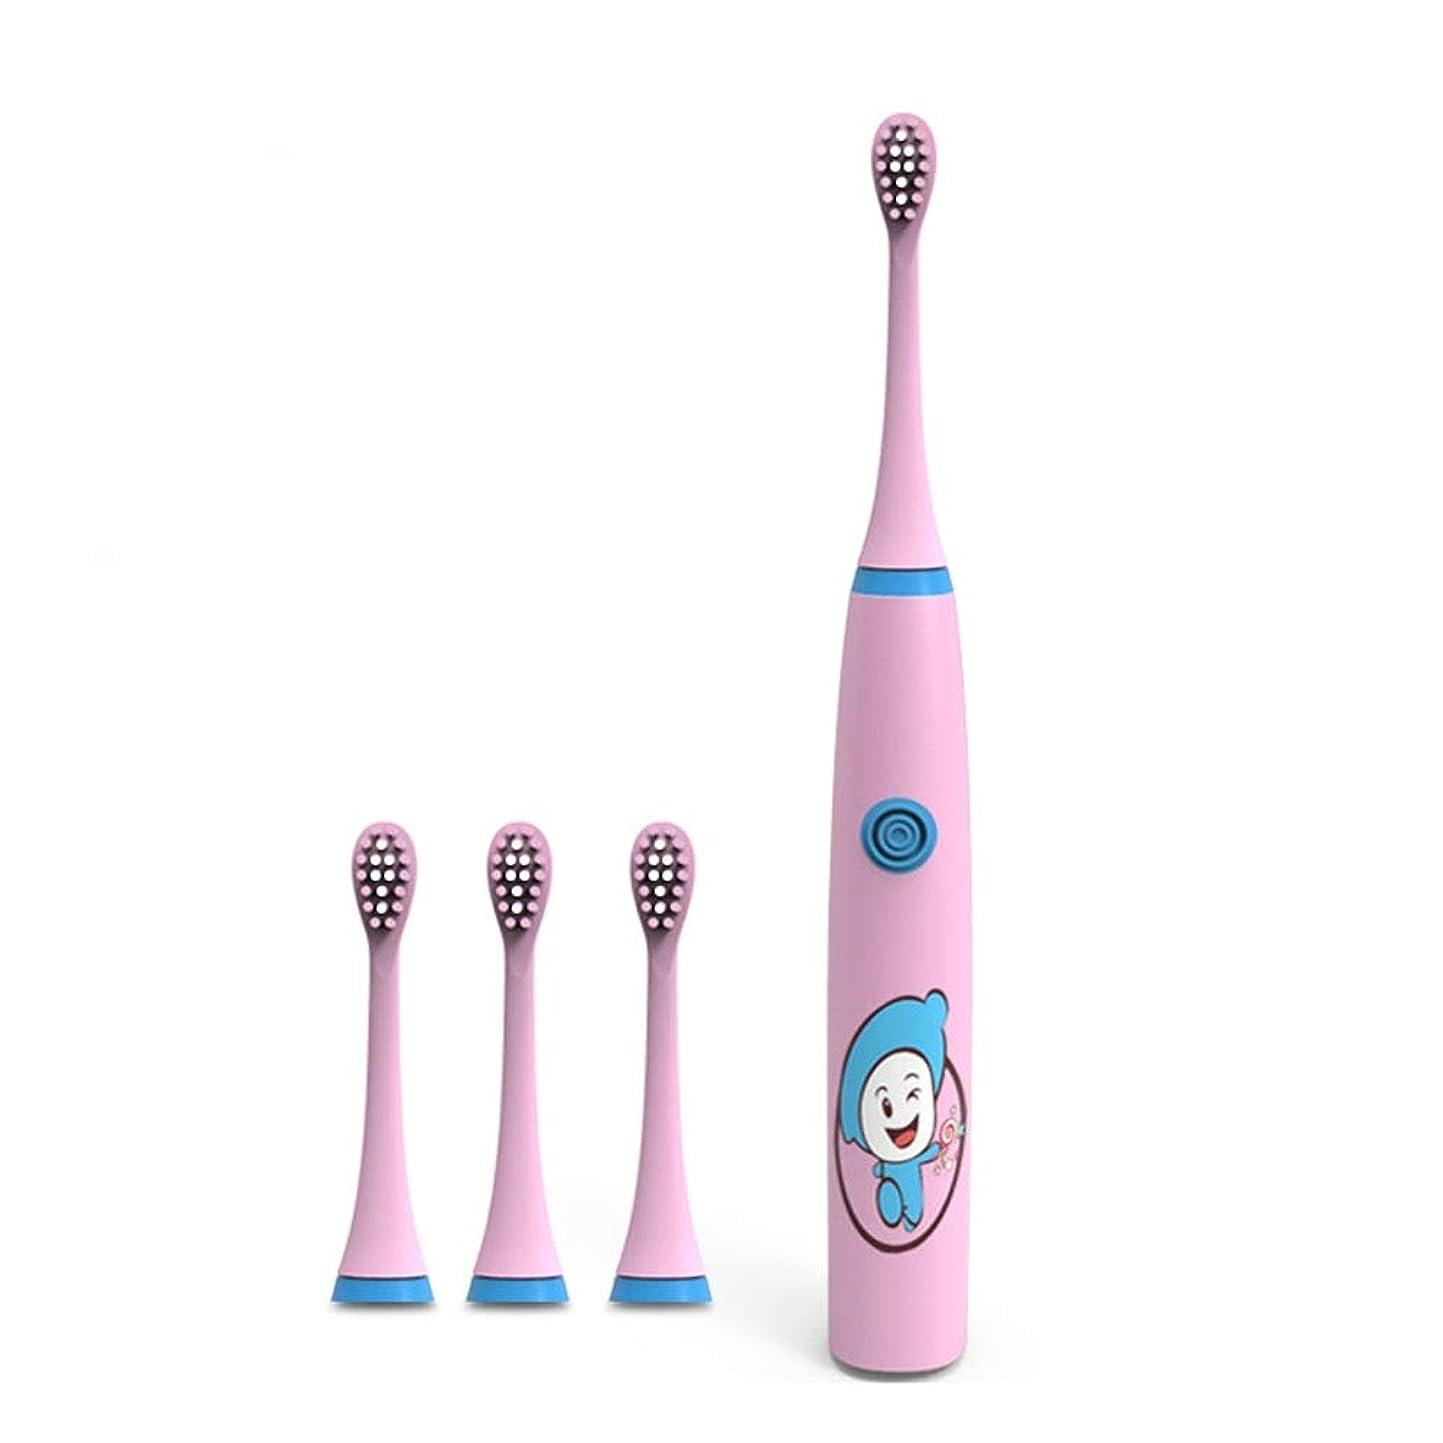 非アクティブドループ眠っている自動歯ブラシ 子供の防水USB充電ベースの柔らかい髪のきれいなかわいい電動歯ブラシで (色 : ピンク, サイズ : Free size)